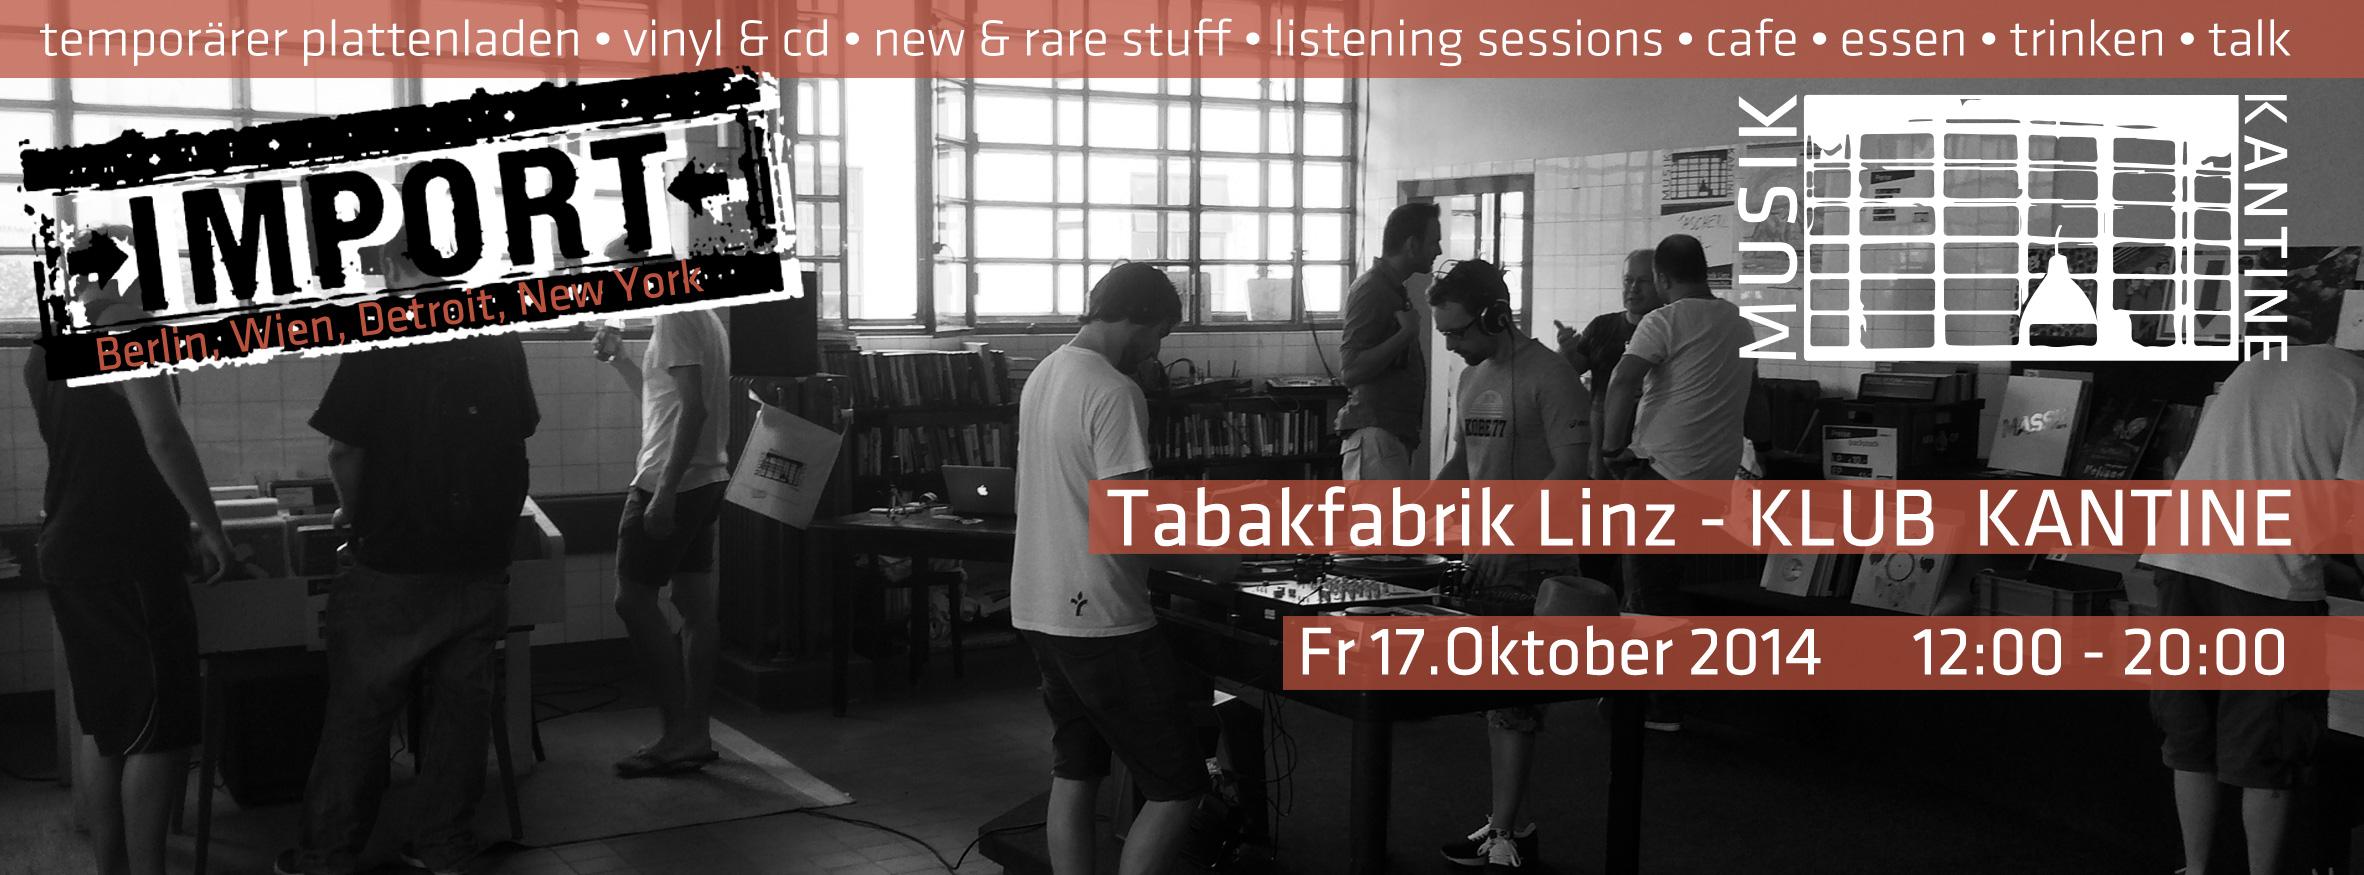 Musik-Kantine__171014_tabakfabrik